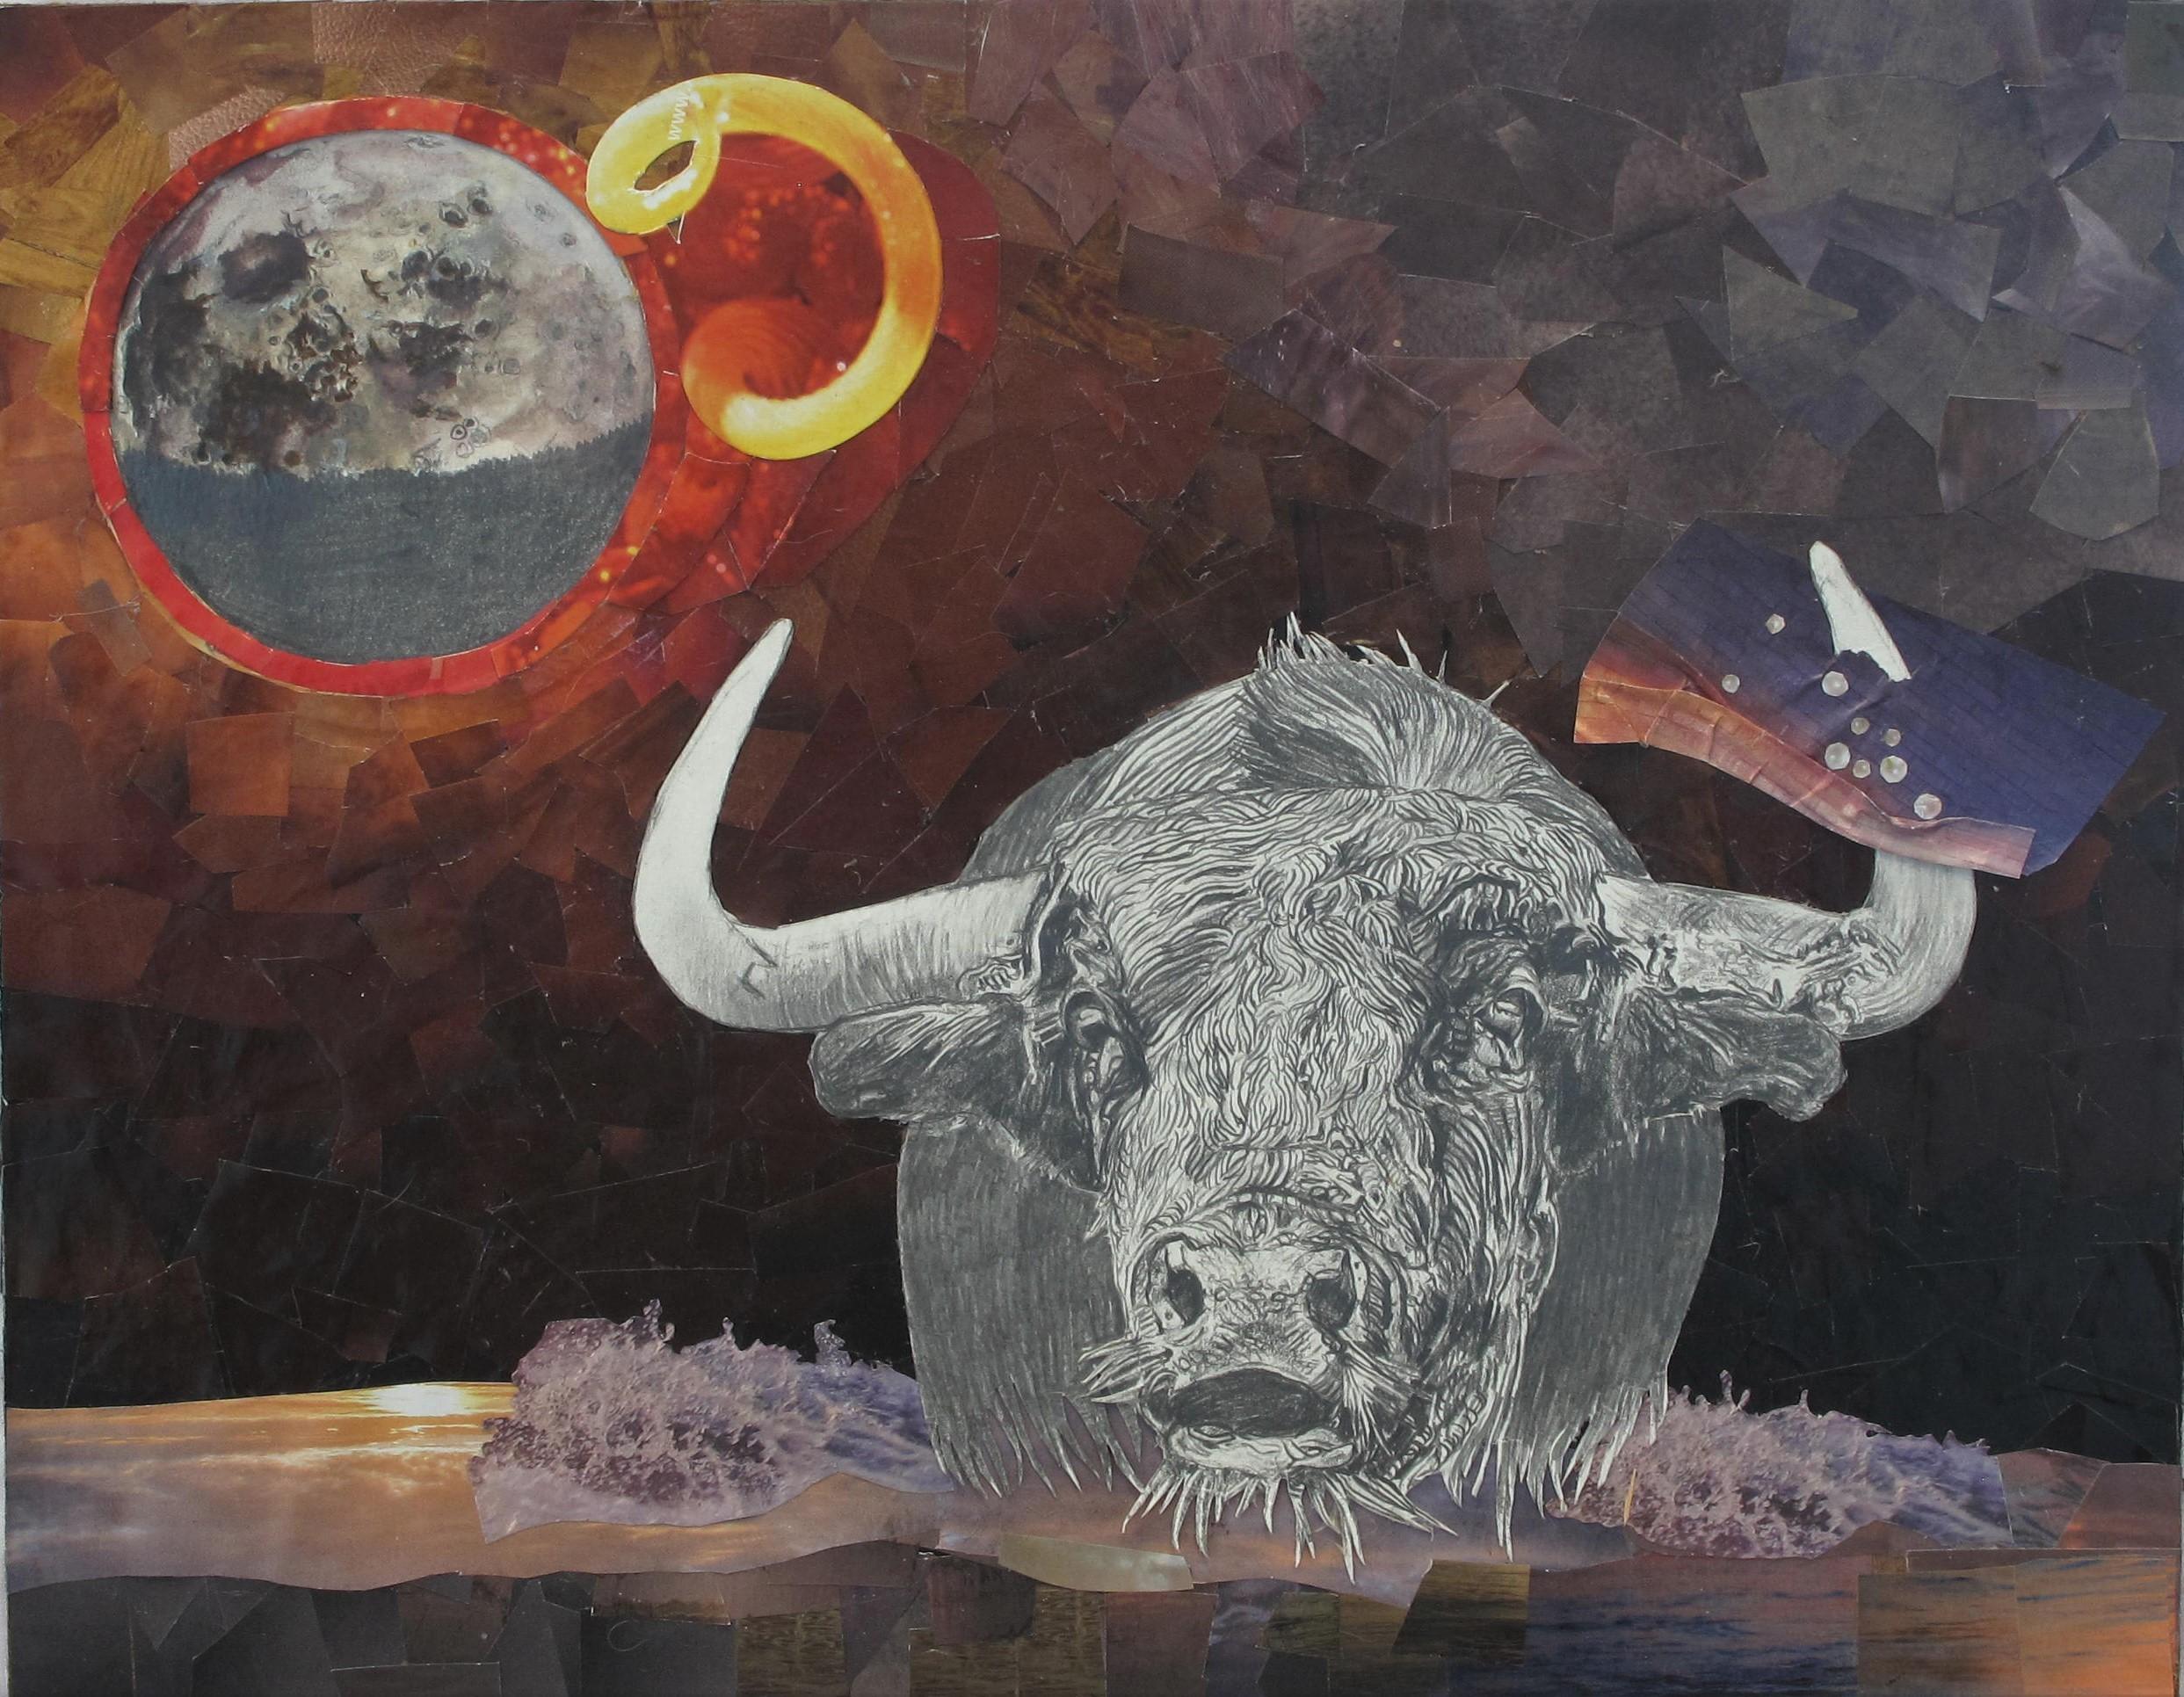 Taureau  Série des signes du zodiaque Technique mixte sur bois 30 x 35 cm Gisèle Bryers